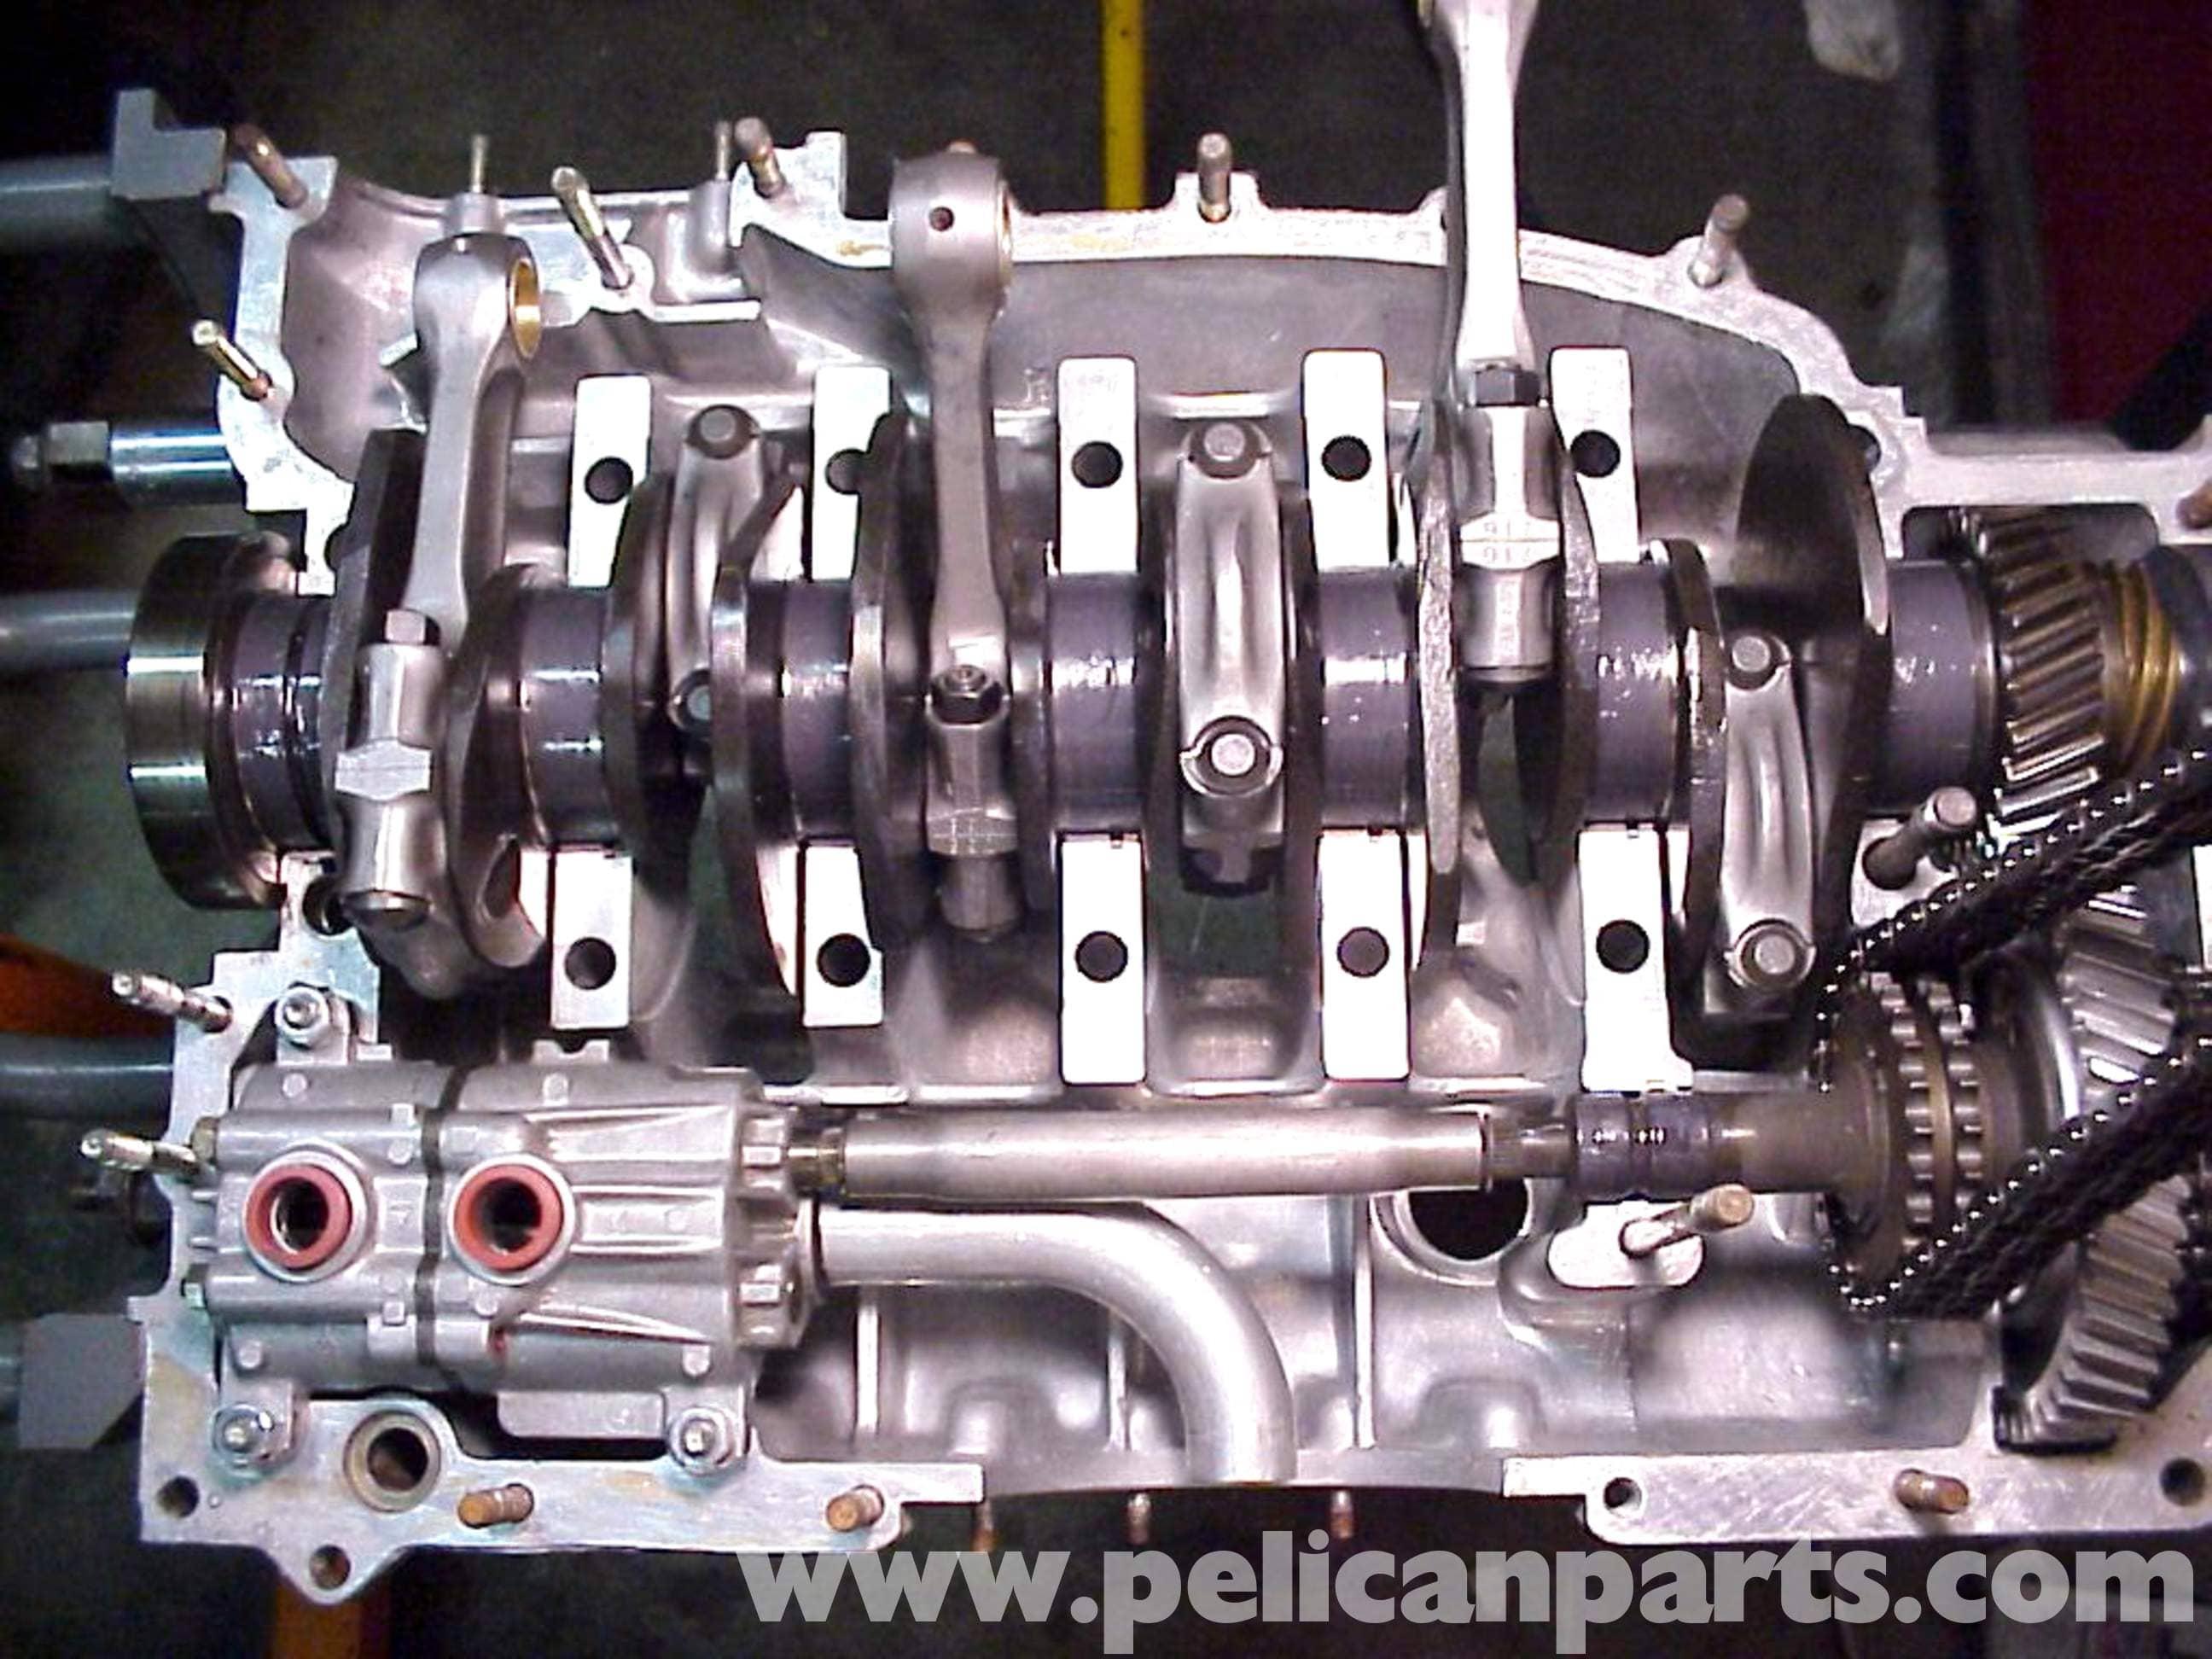 porsche 911 rebuilding your engine 911 1965 89 930. Black Bedroom Furniture Sets. Home Design Ideas